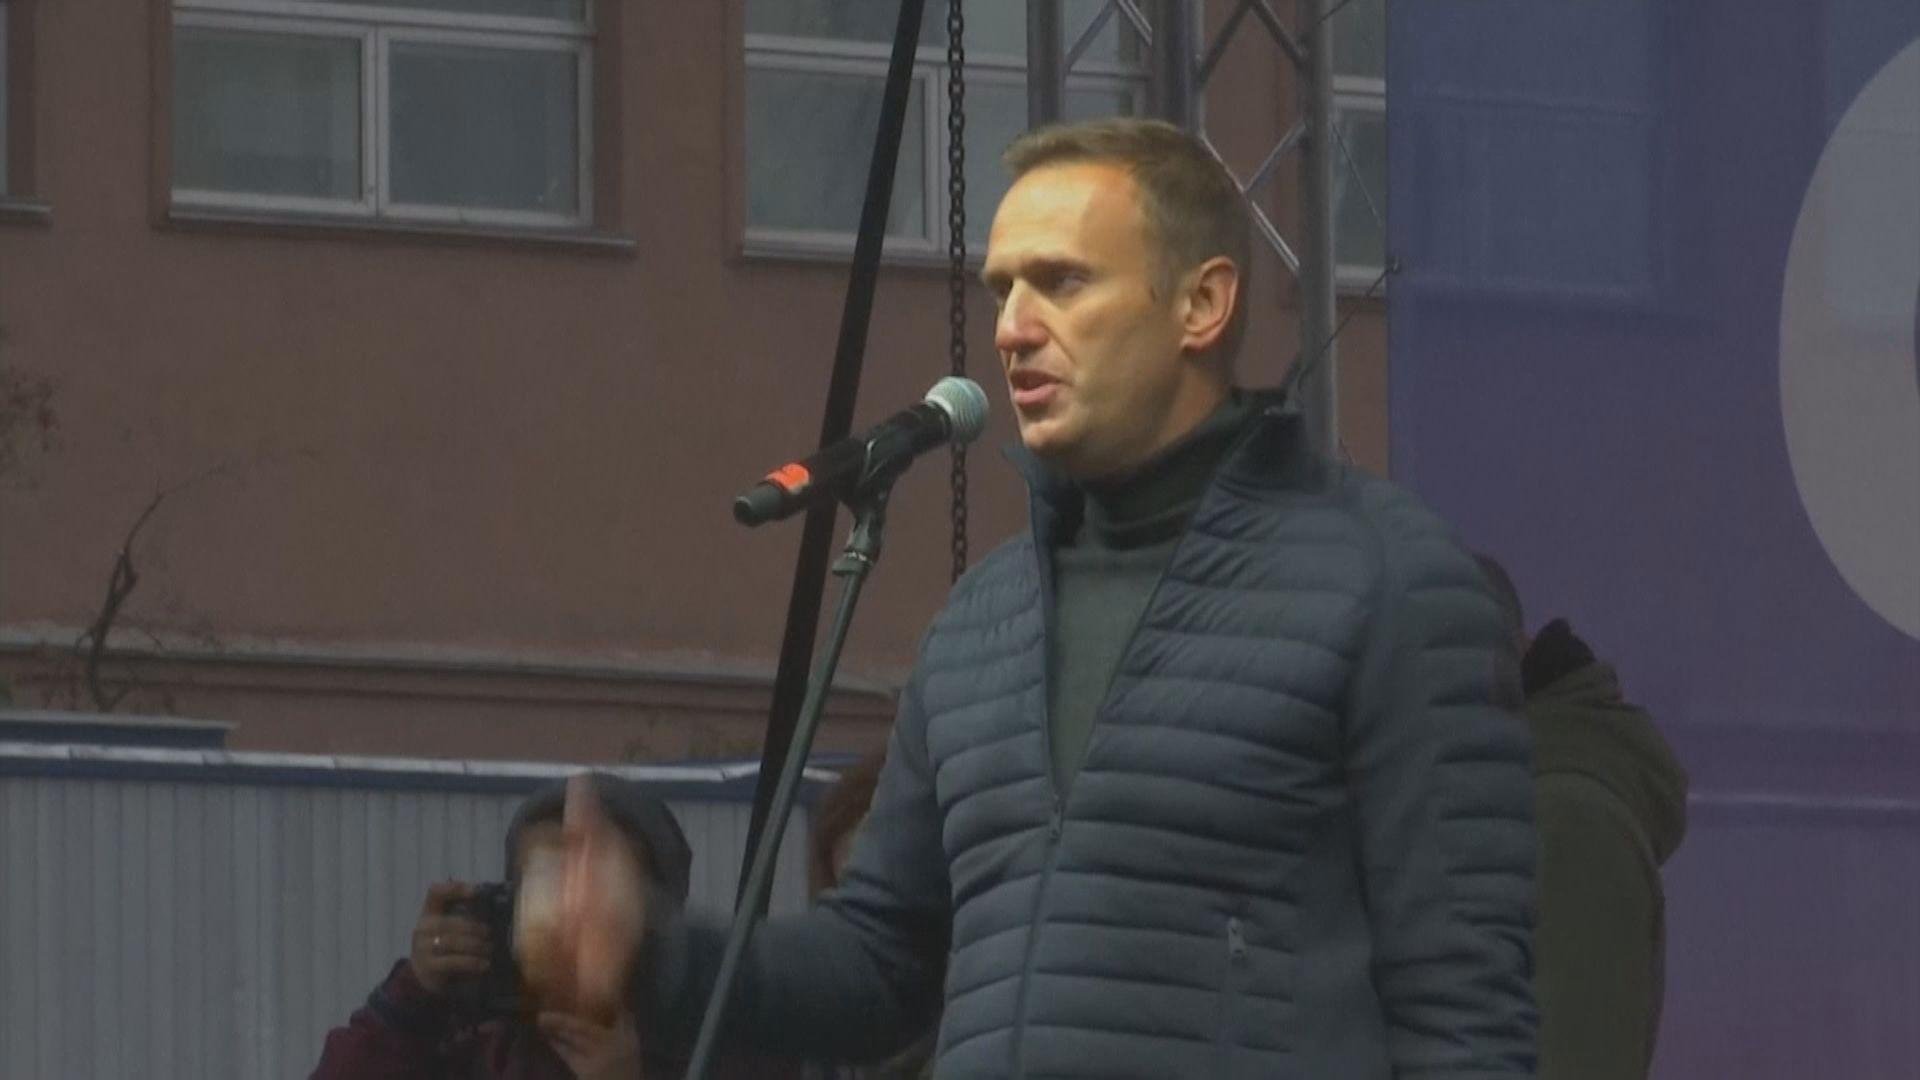 俄反對派領袖納瓦爾尼疑遭下毒情況危殆 法德願協助